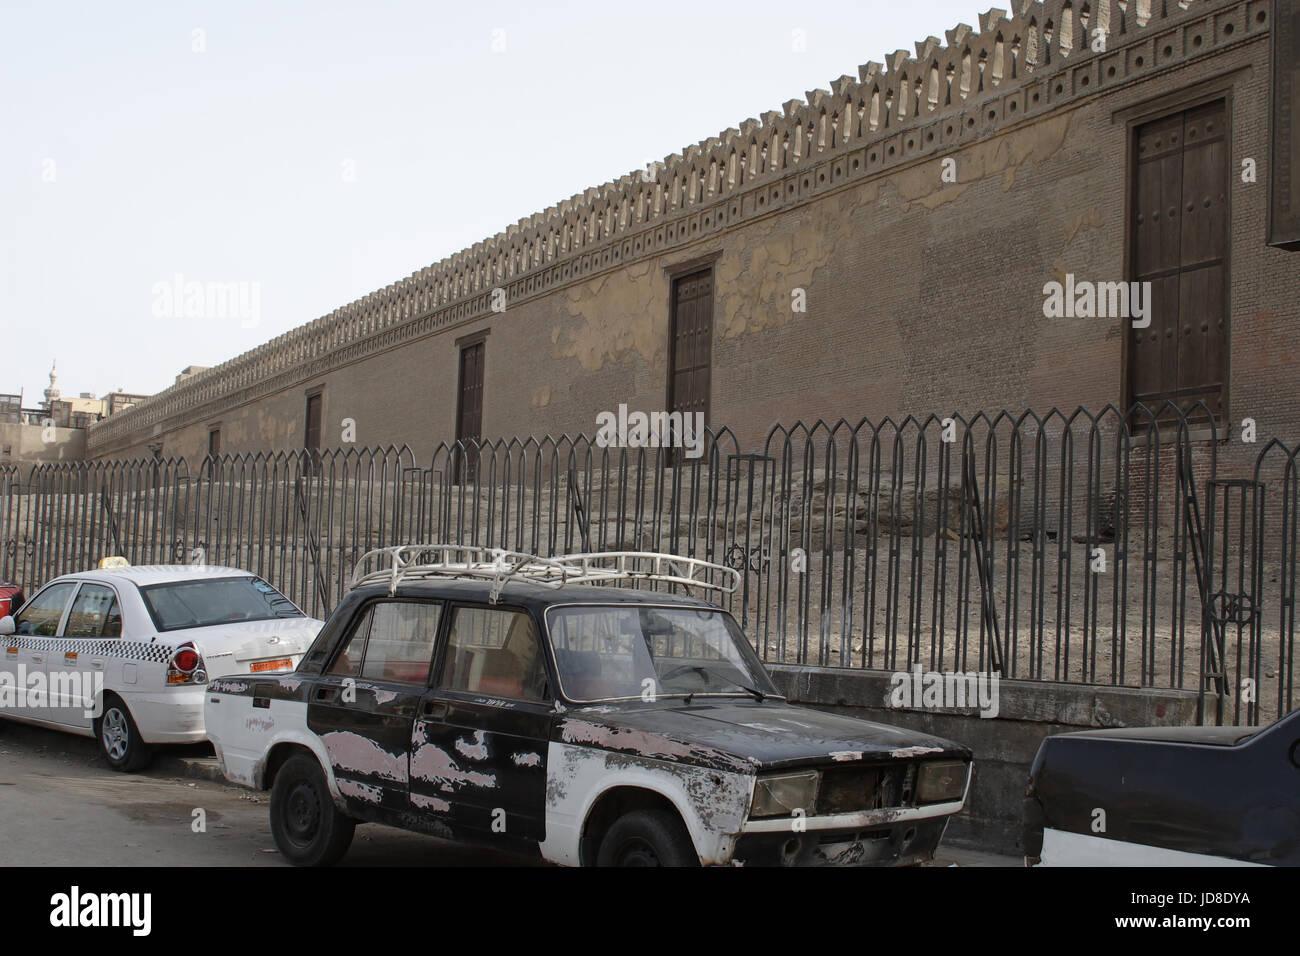 Islamic and coptic area - Stock Image